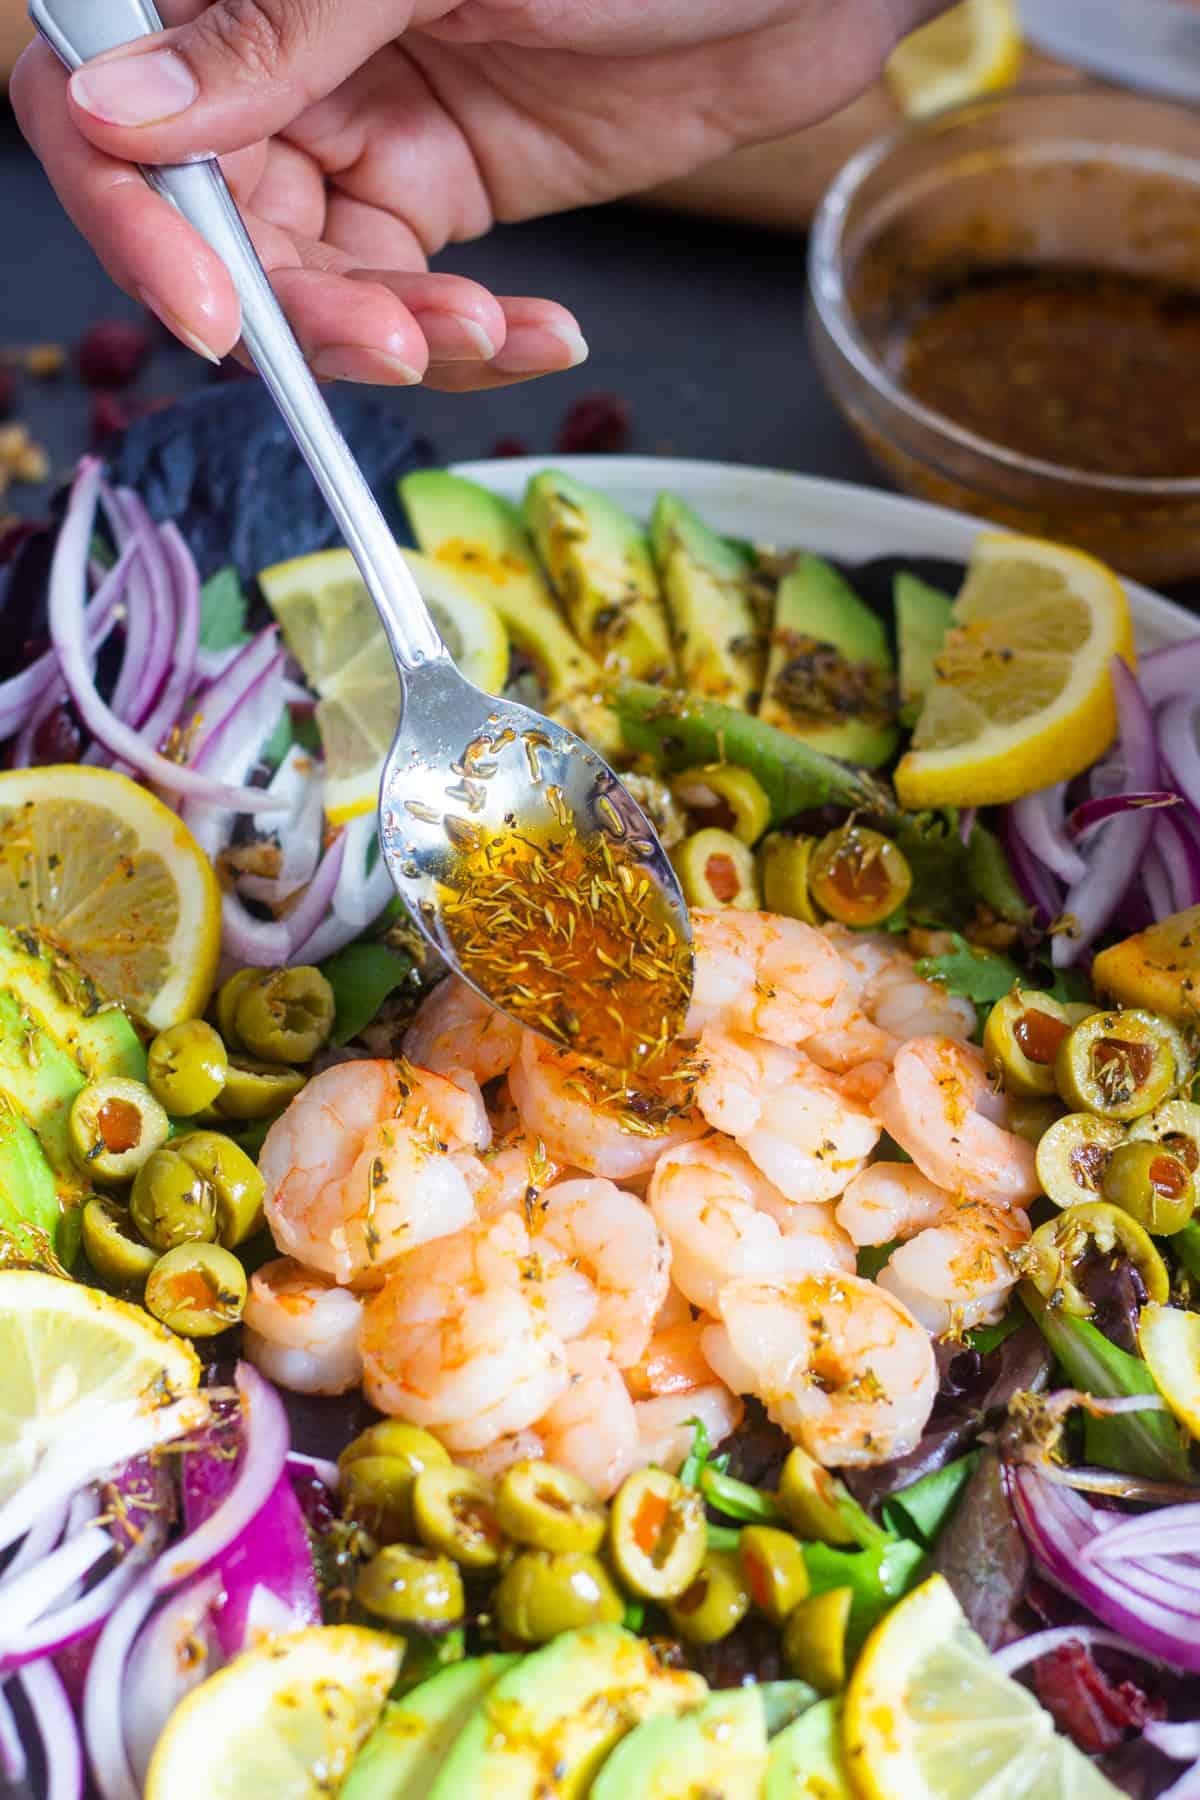 Add dressing to shrimp and avocado salad.